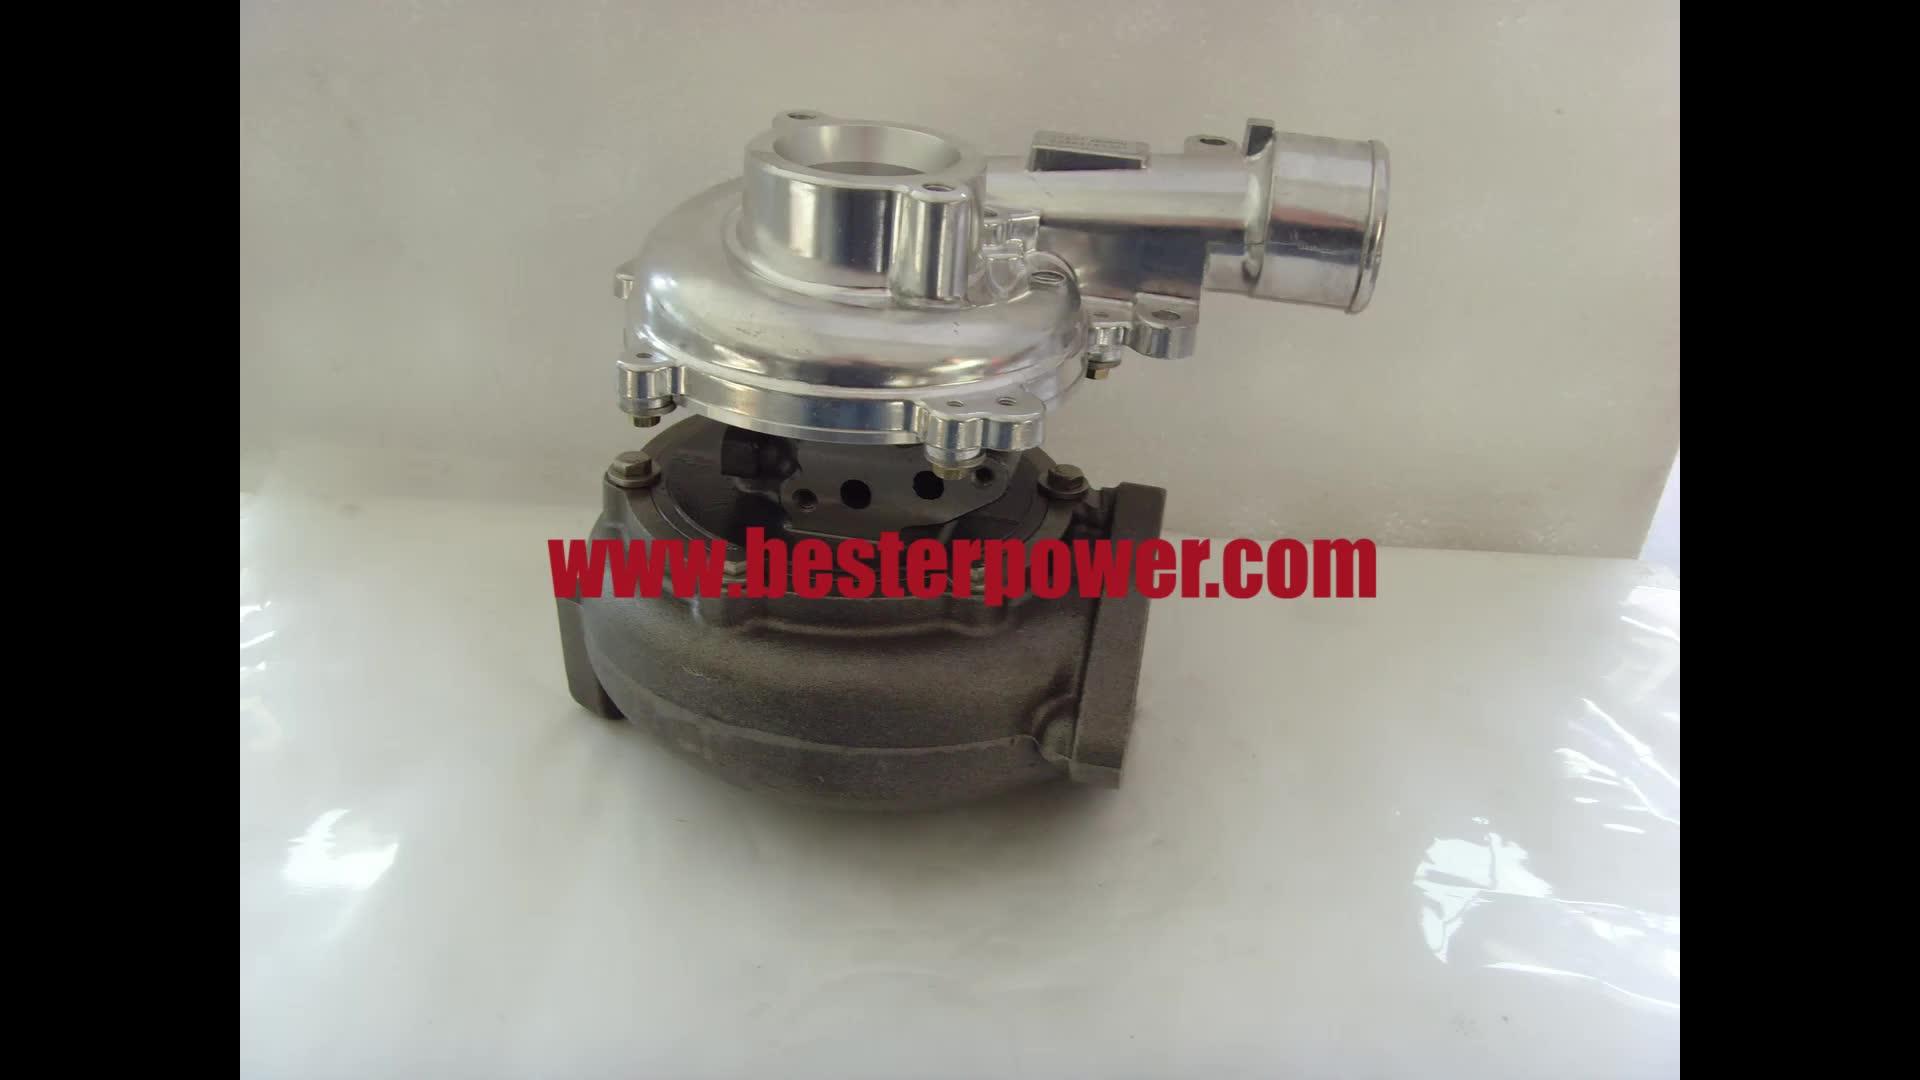 17201-0l040 172010l040 17201-30110 1720130110 turbo turbocharger para Toyota KZN130 1KD-FTV motor CT16V dentro de atuador elétrico